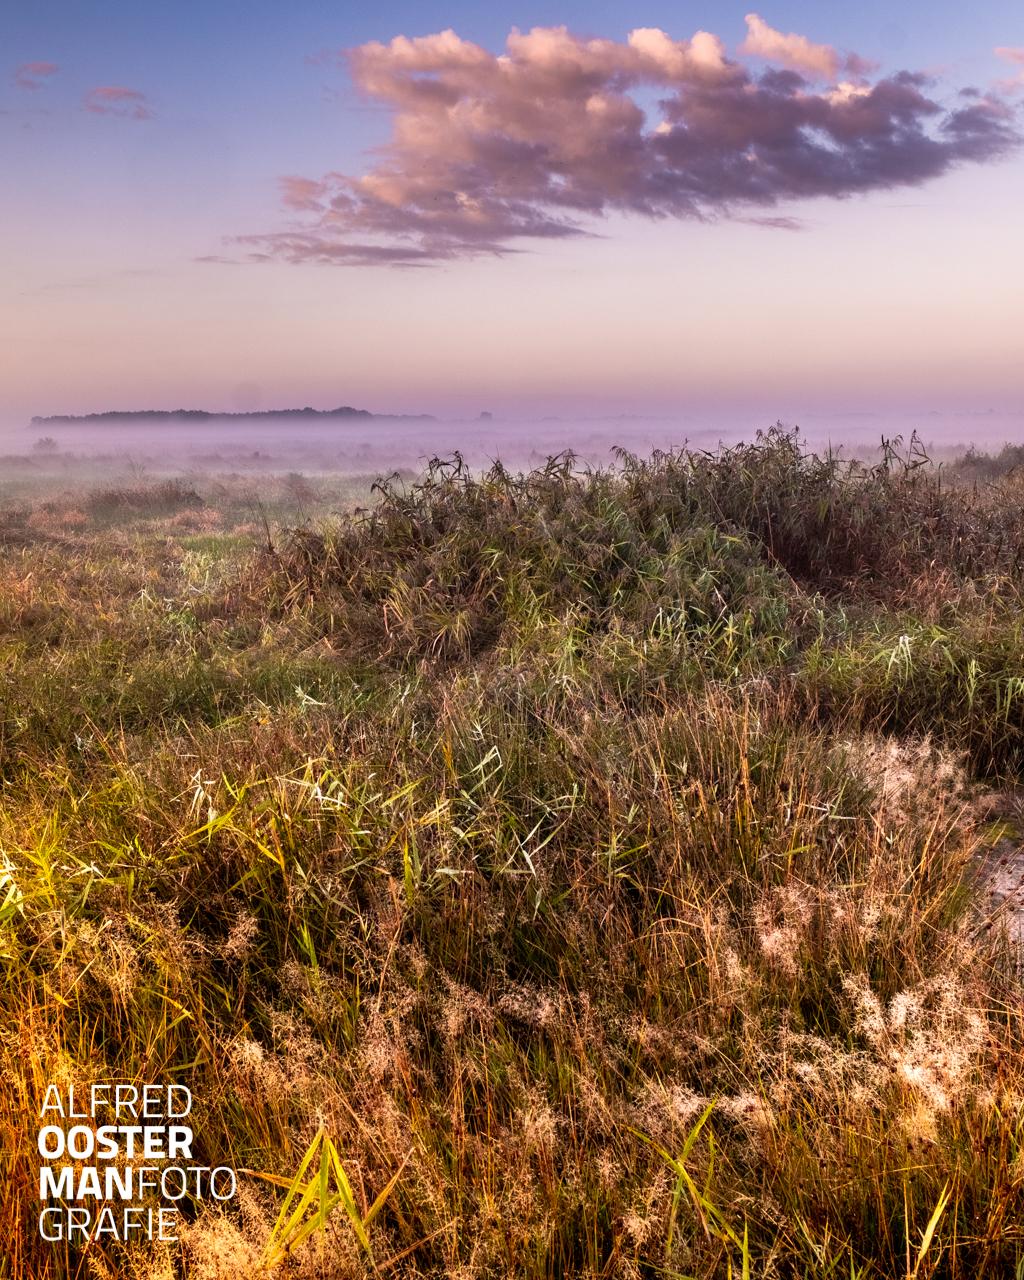 Extra tijd. Een rondje om het Leekstermeer, het karakter van het landschap is door de kleinschaligheid van het gebied wel erg verschillend. In twee uren fietsen en fotograferen is het rondje gemaakt. Vanmorgen met prachtig weer is er dan ook heel verschillend beeld te maken. Het is wel duidelijk dat de herfst is begonnen. De kleurrijkheid is enorm, groen, geel, oranje gecombineerd, het is feest! De dag beginnen in de buitenlucht en in beeld brengen wat de moeite waard lijkt is heerlijk. Door vroeg op pad te gaan voelt dat als extra tijd.